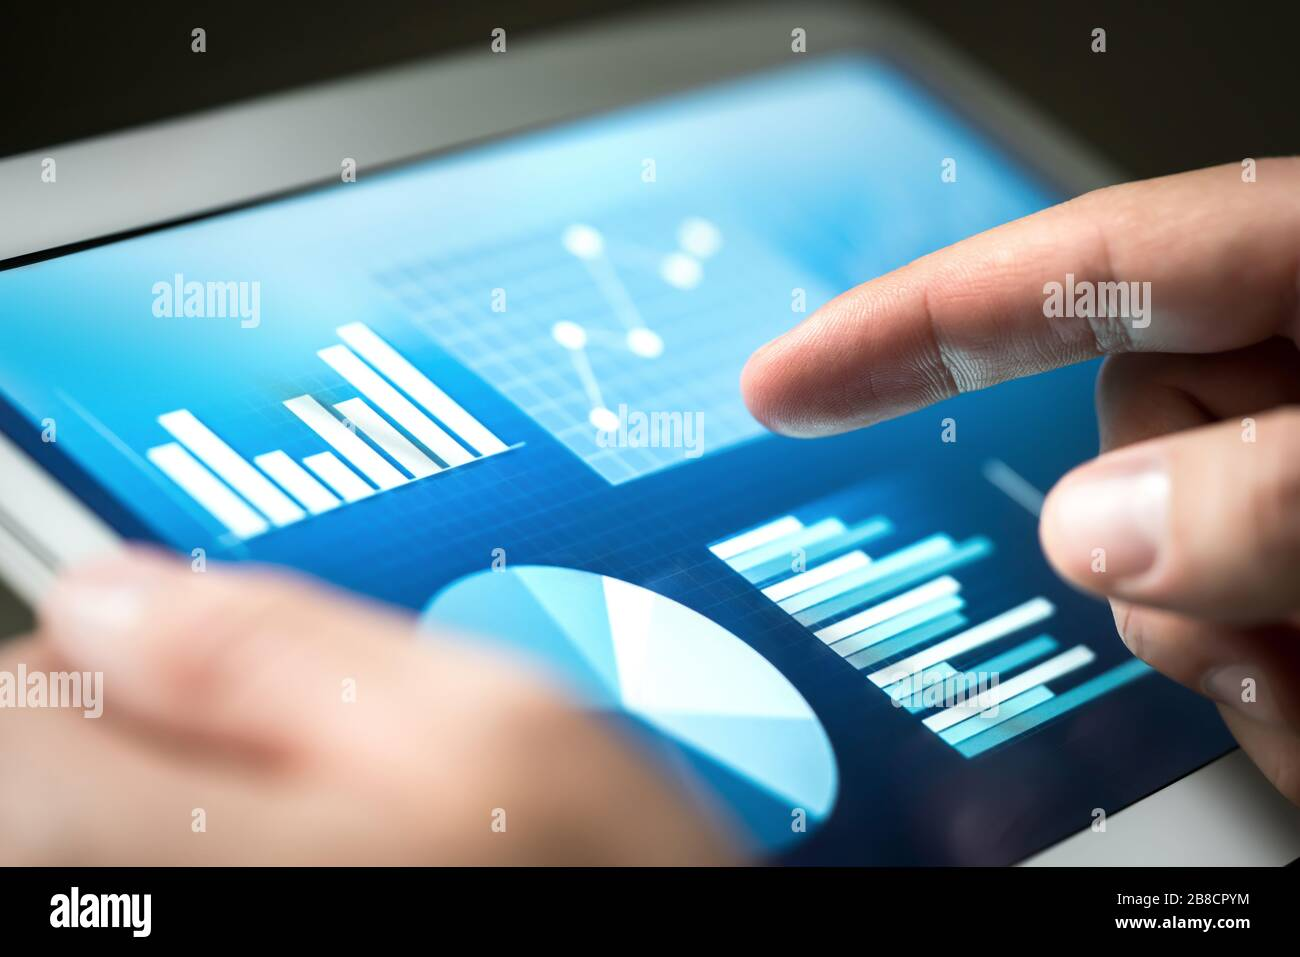 Statistiques, graphiques, tendances et croissance sur l'écran de la tablette. Gestion et développement financiers avec technologie dans les affaires. Homme d'affaires utilisant le moniteur. Banque D'Images